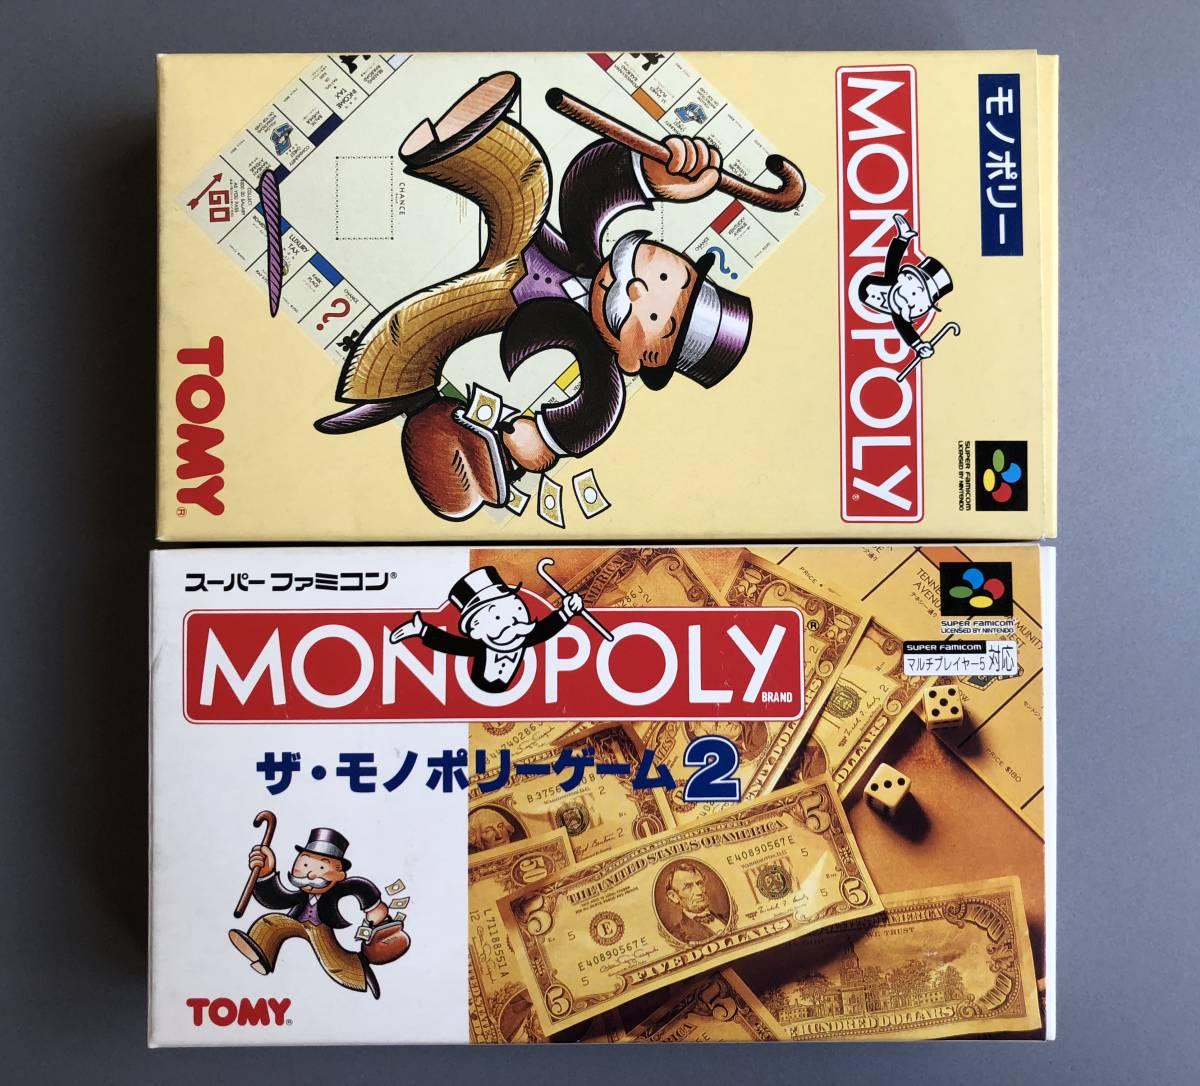 モノポリー + モノポリー2 箱説 ハガキ